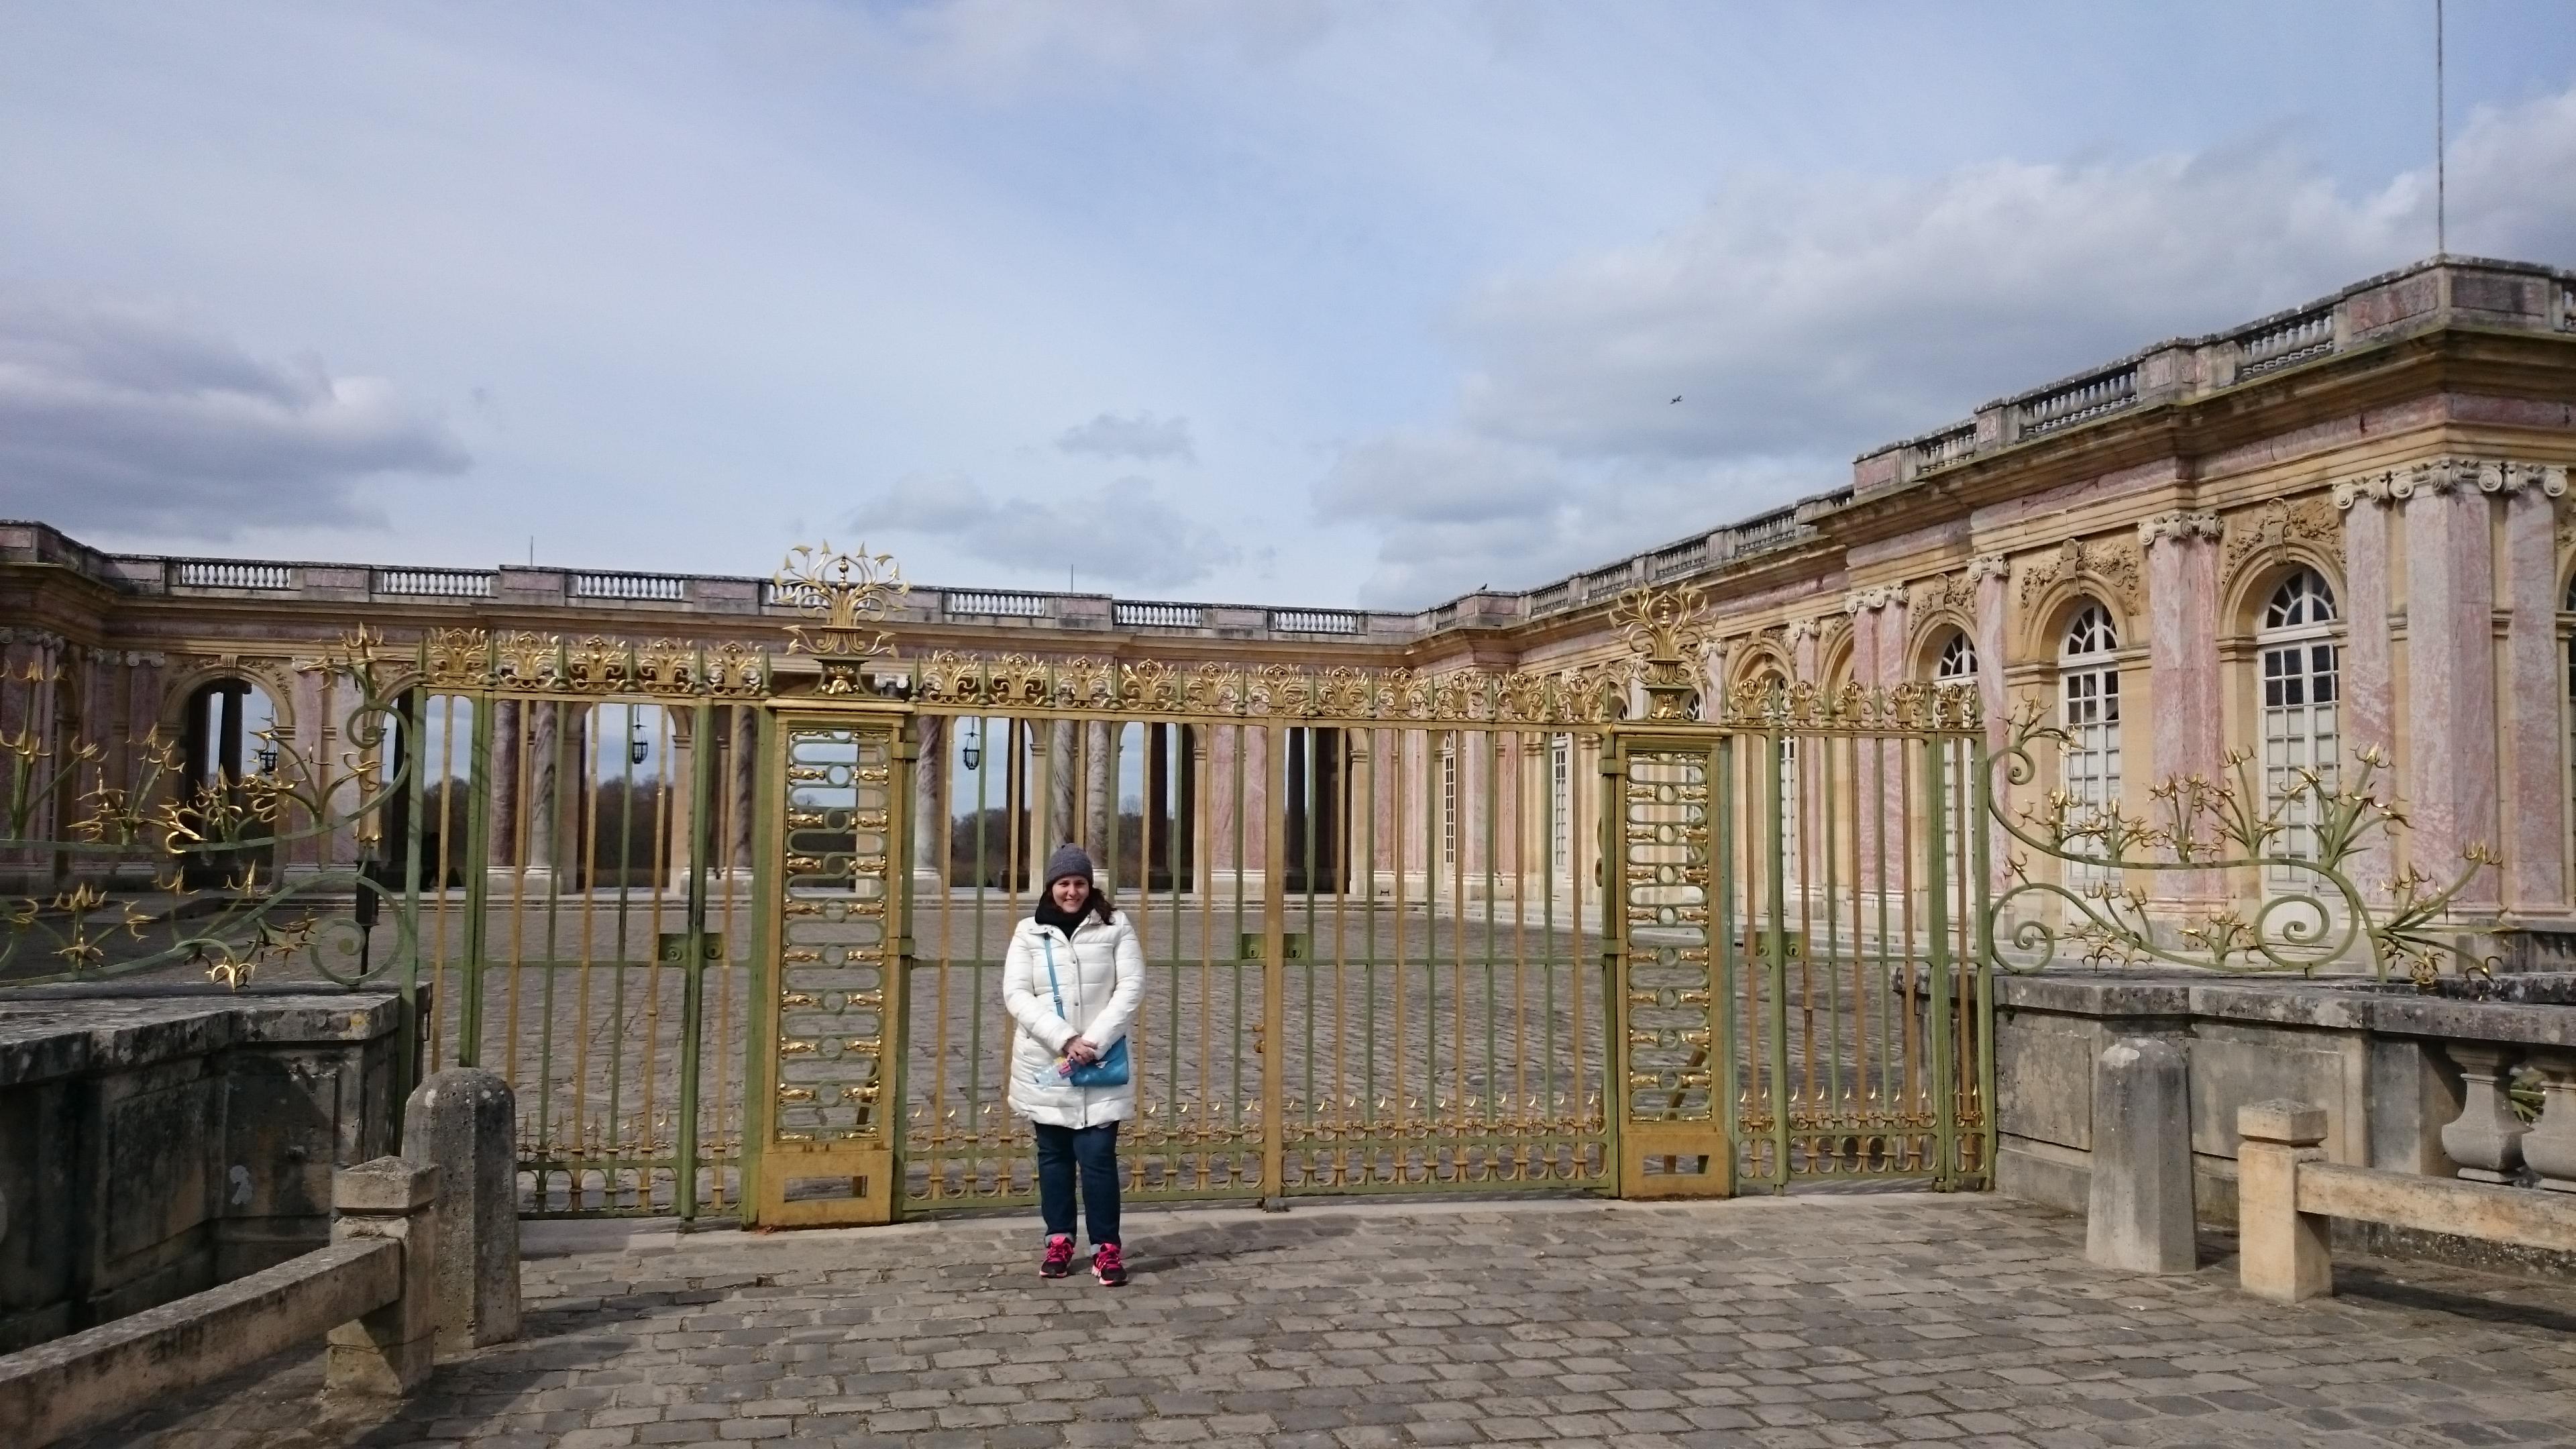 dsc 1251 copia - Visita al Palacio de Versalles: Como ir, cuanto cuesta y tips II/III